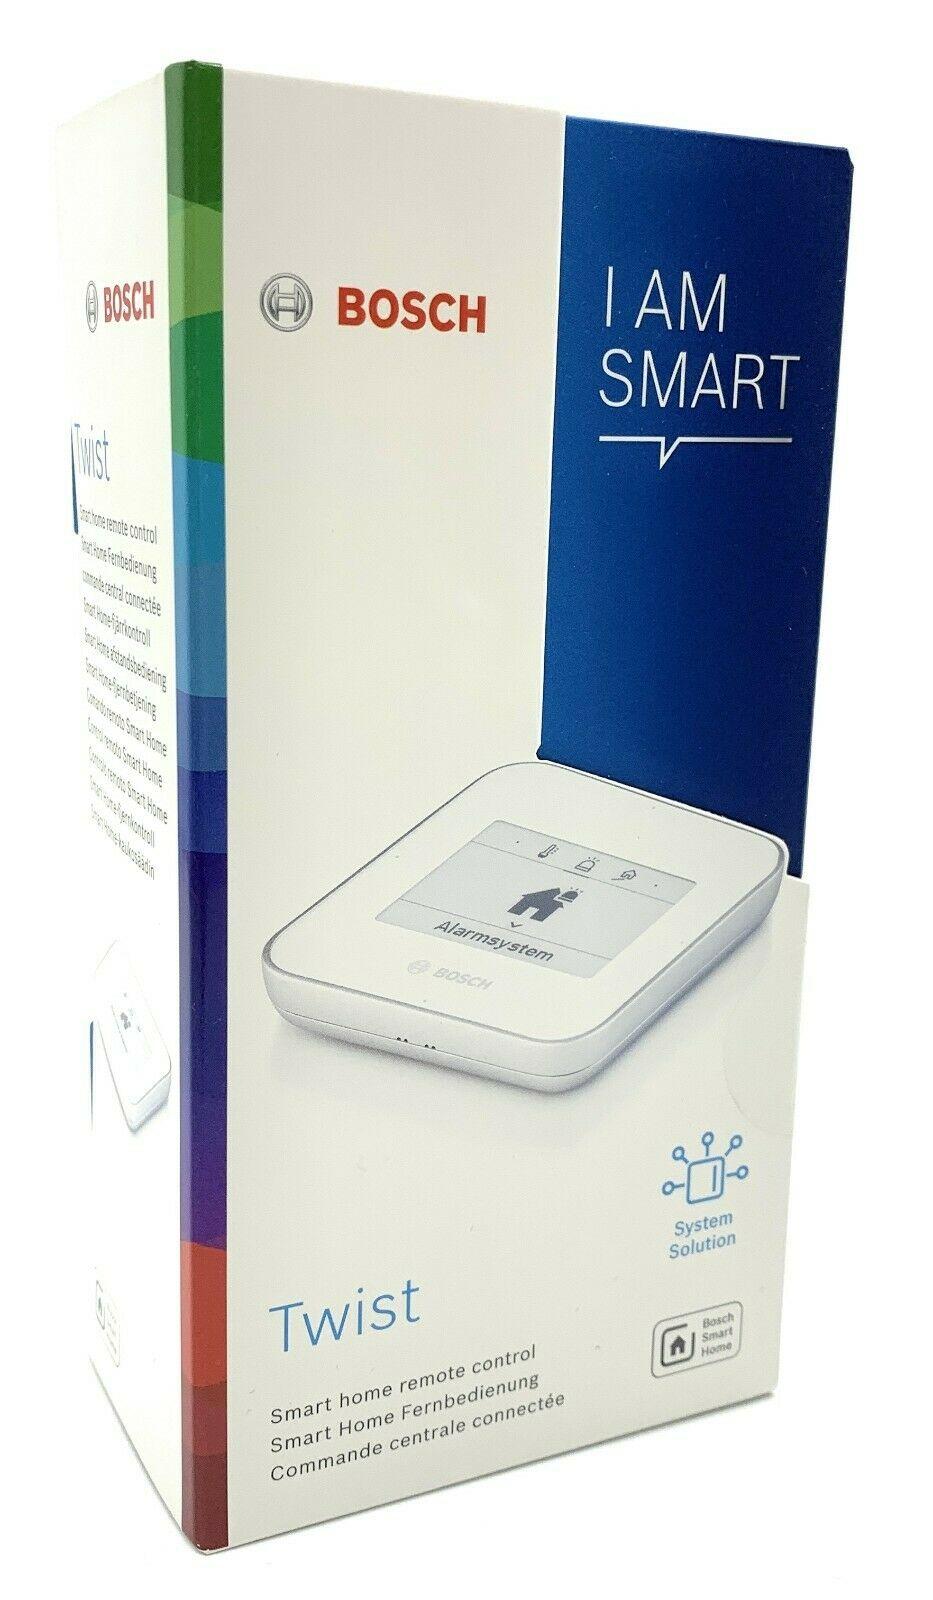 Bosch Smart Home Funk Fernbedienung Twist mit Alarmfunktion